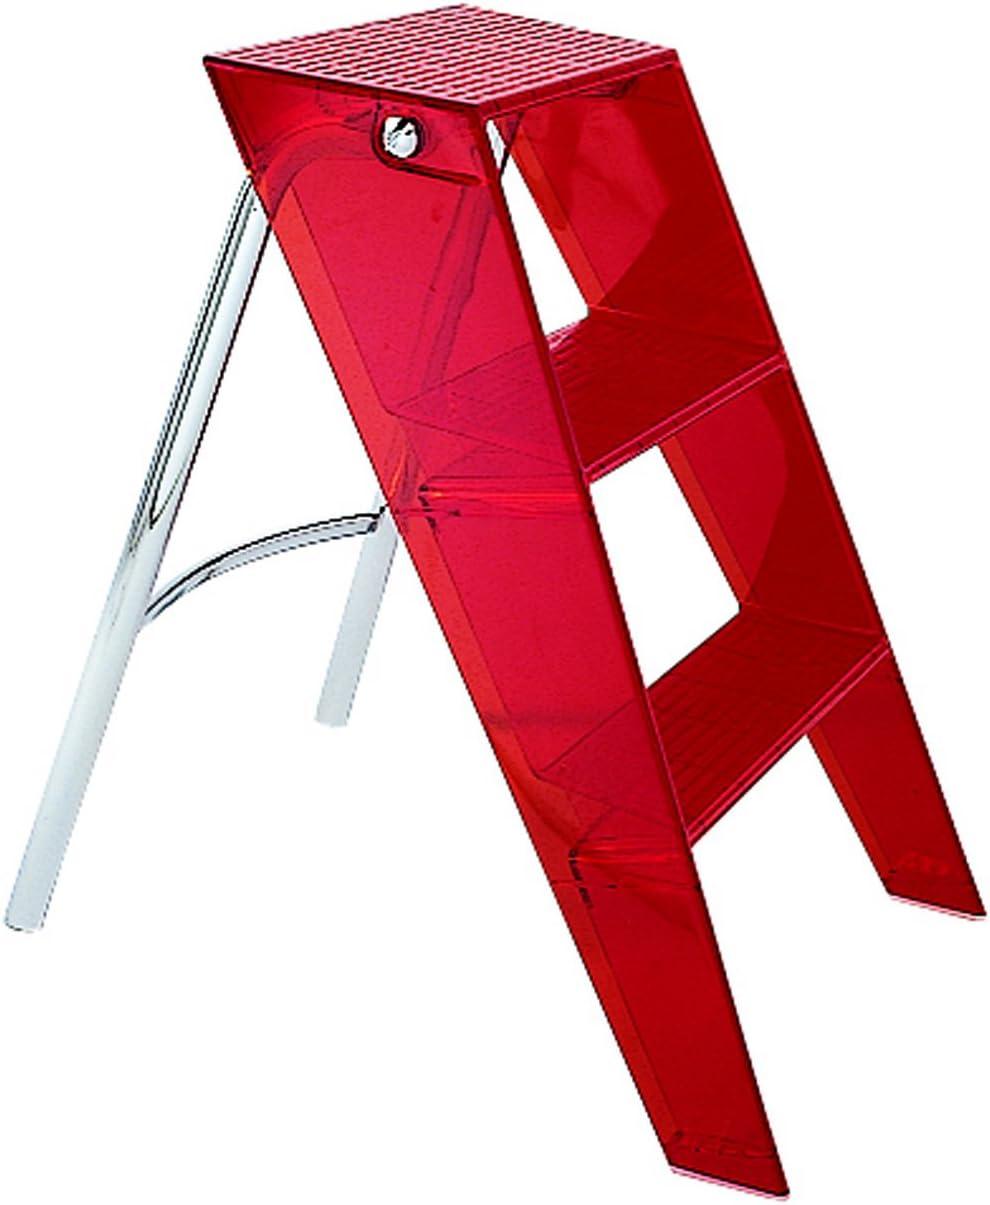 Escalera peque/ña Plegable Color Rojo Kartell 703071 Upper